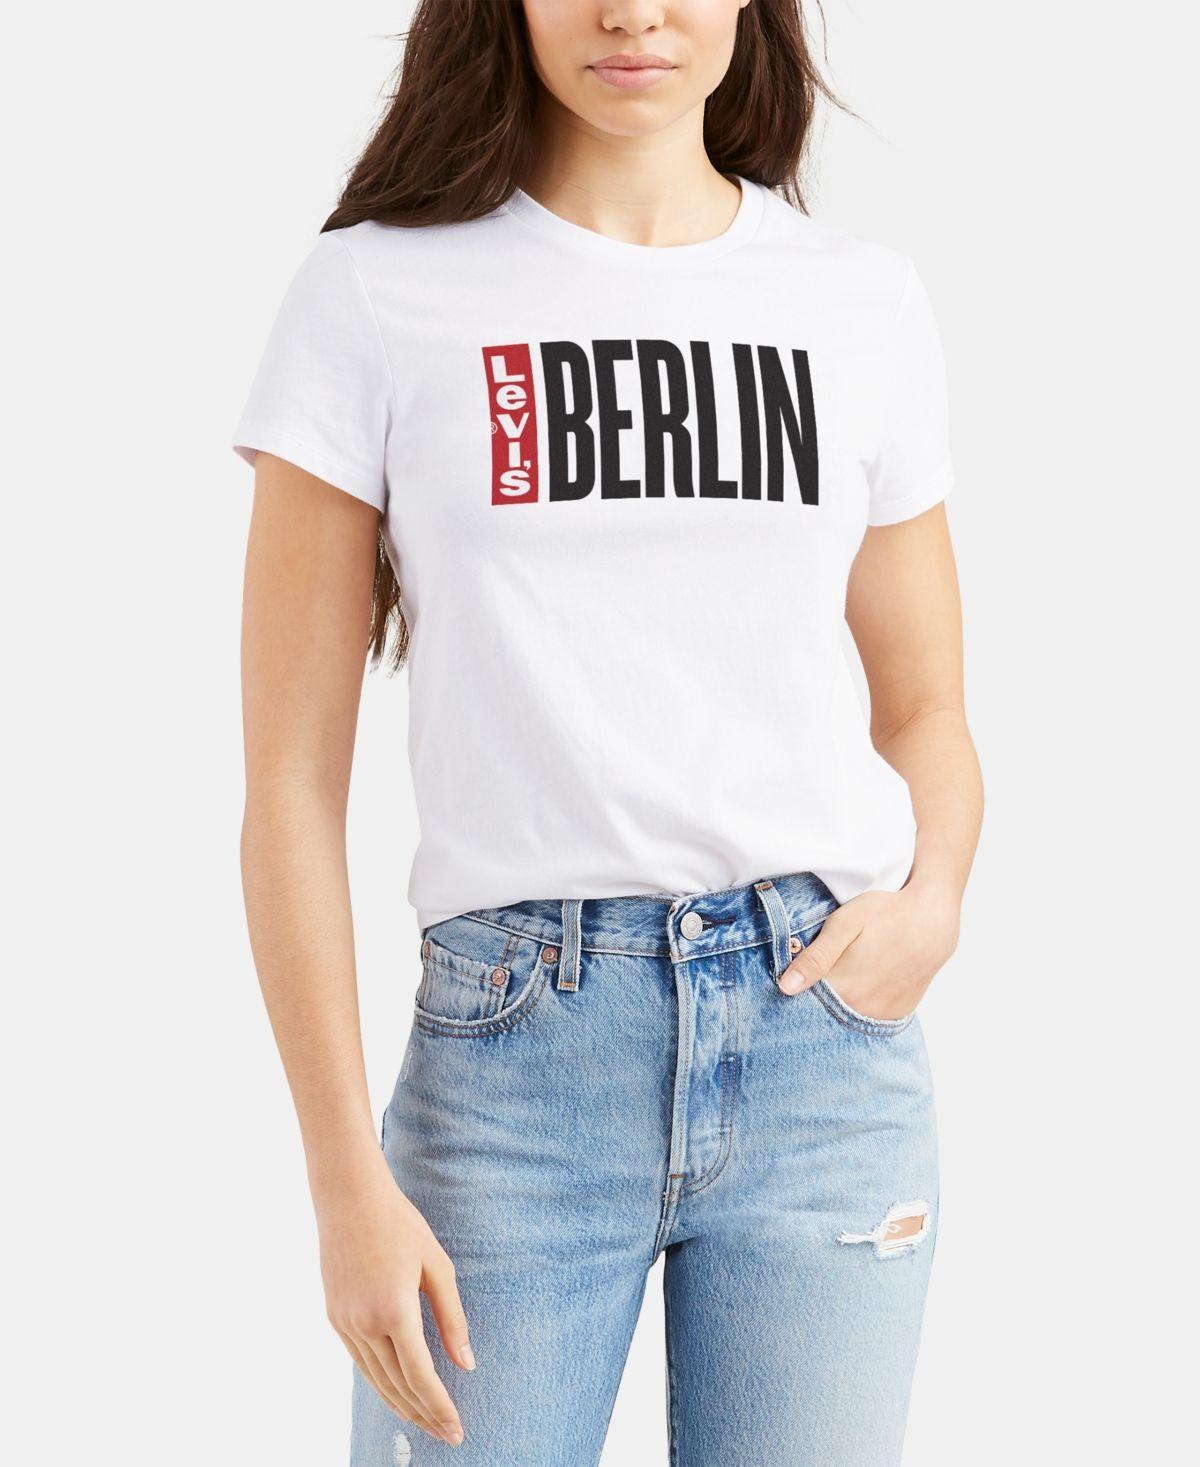 t shirt levis berlin